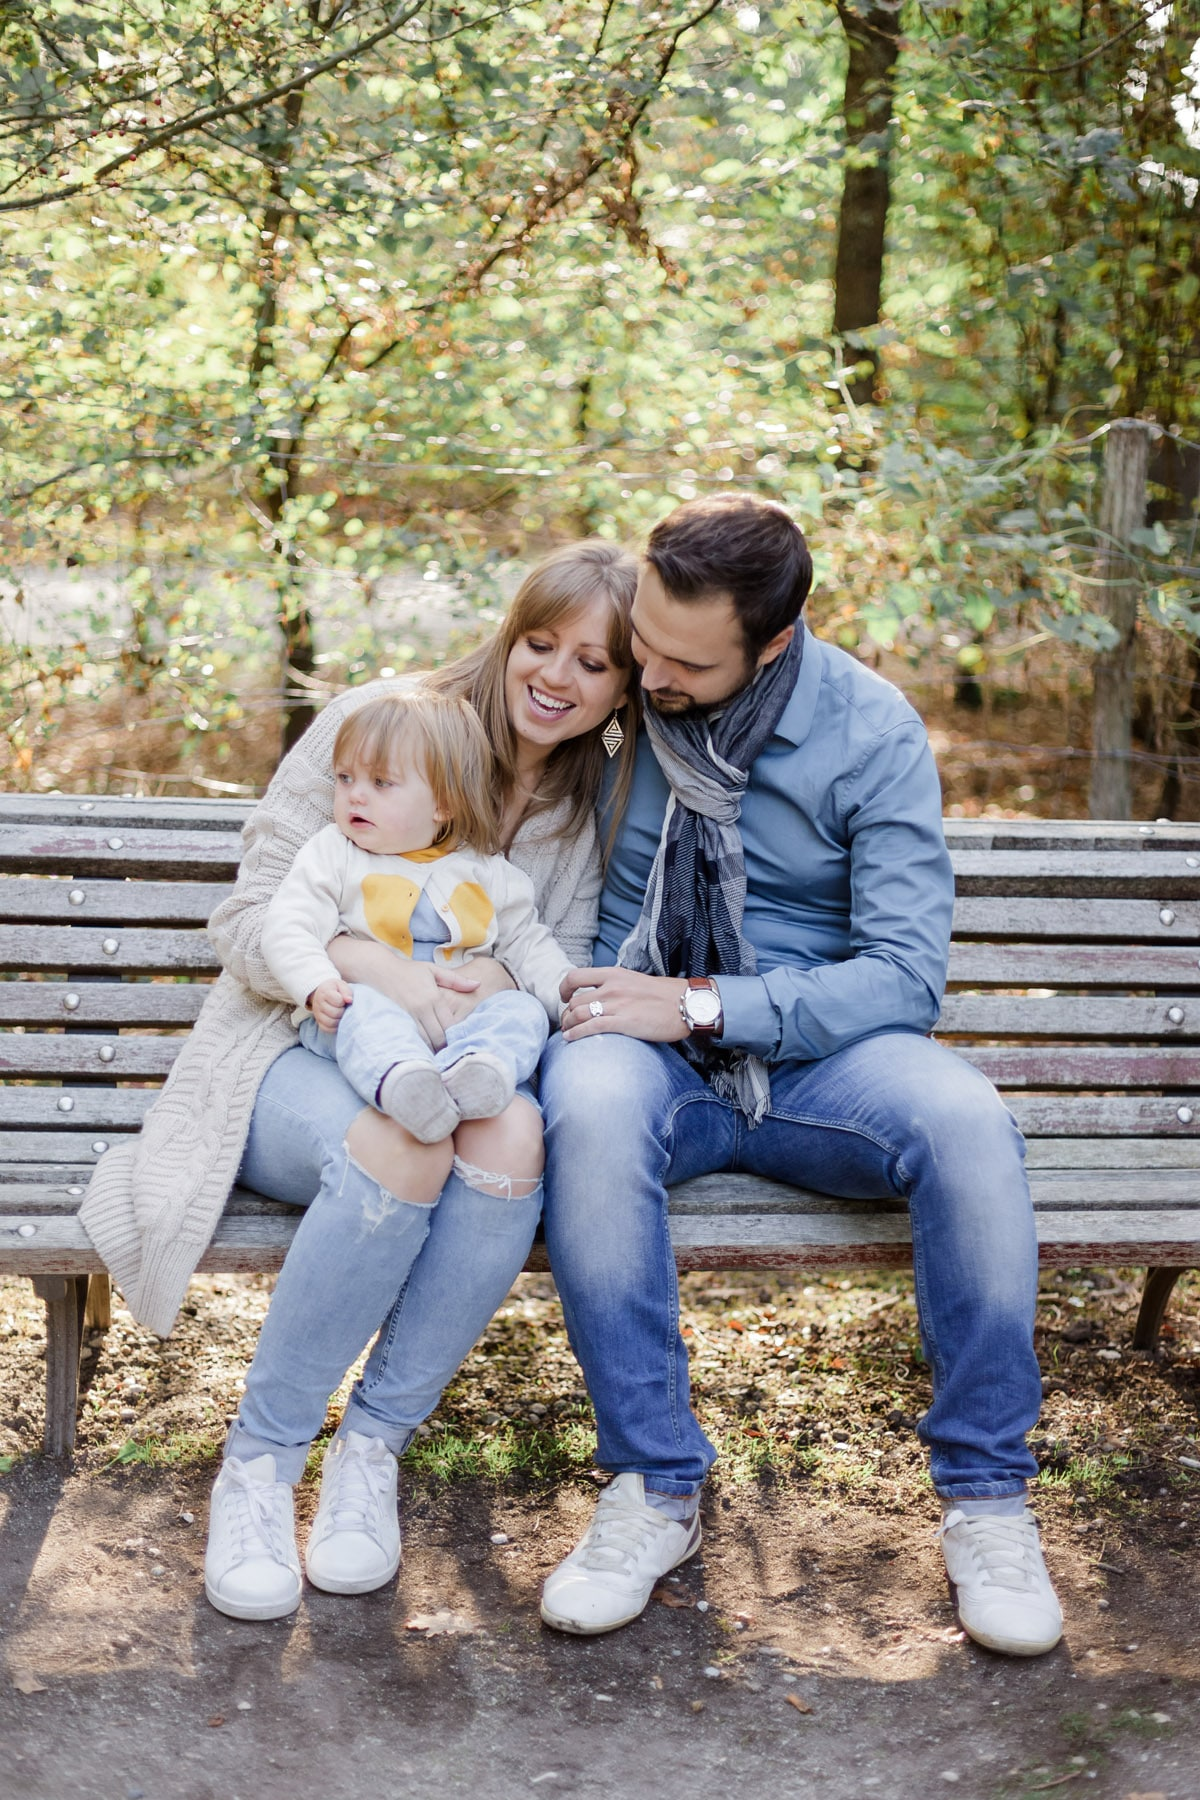 photographe famille enfants bebe bordeaux parc lifestyle fineart francais sarah miramon alexie alicia adrian 02